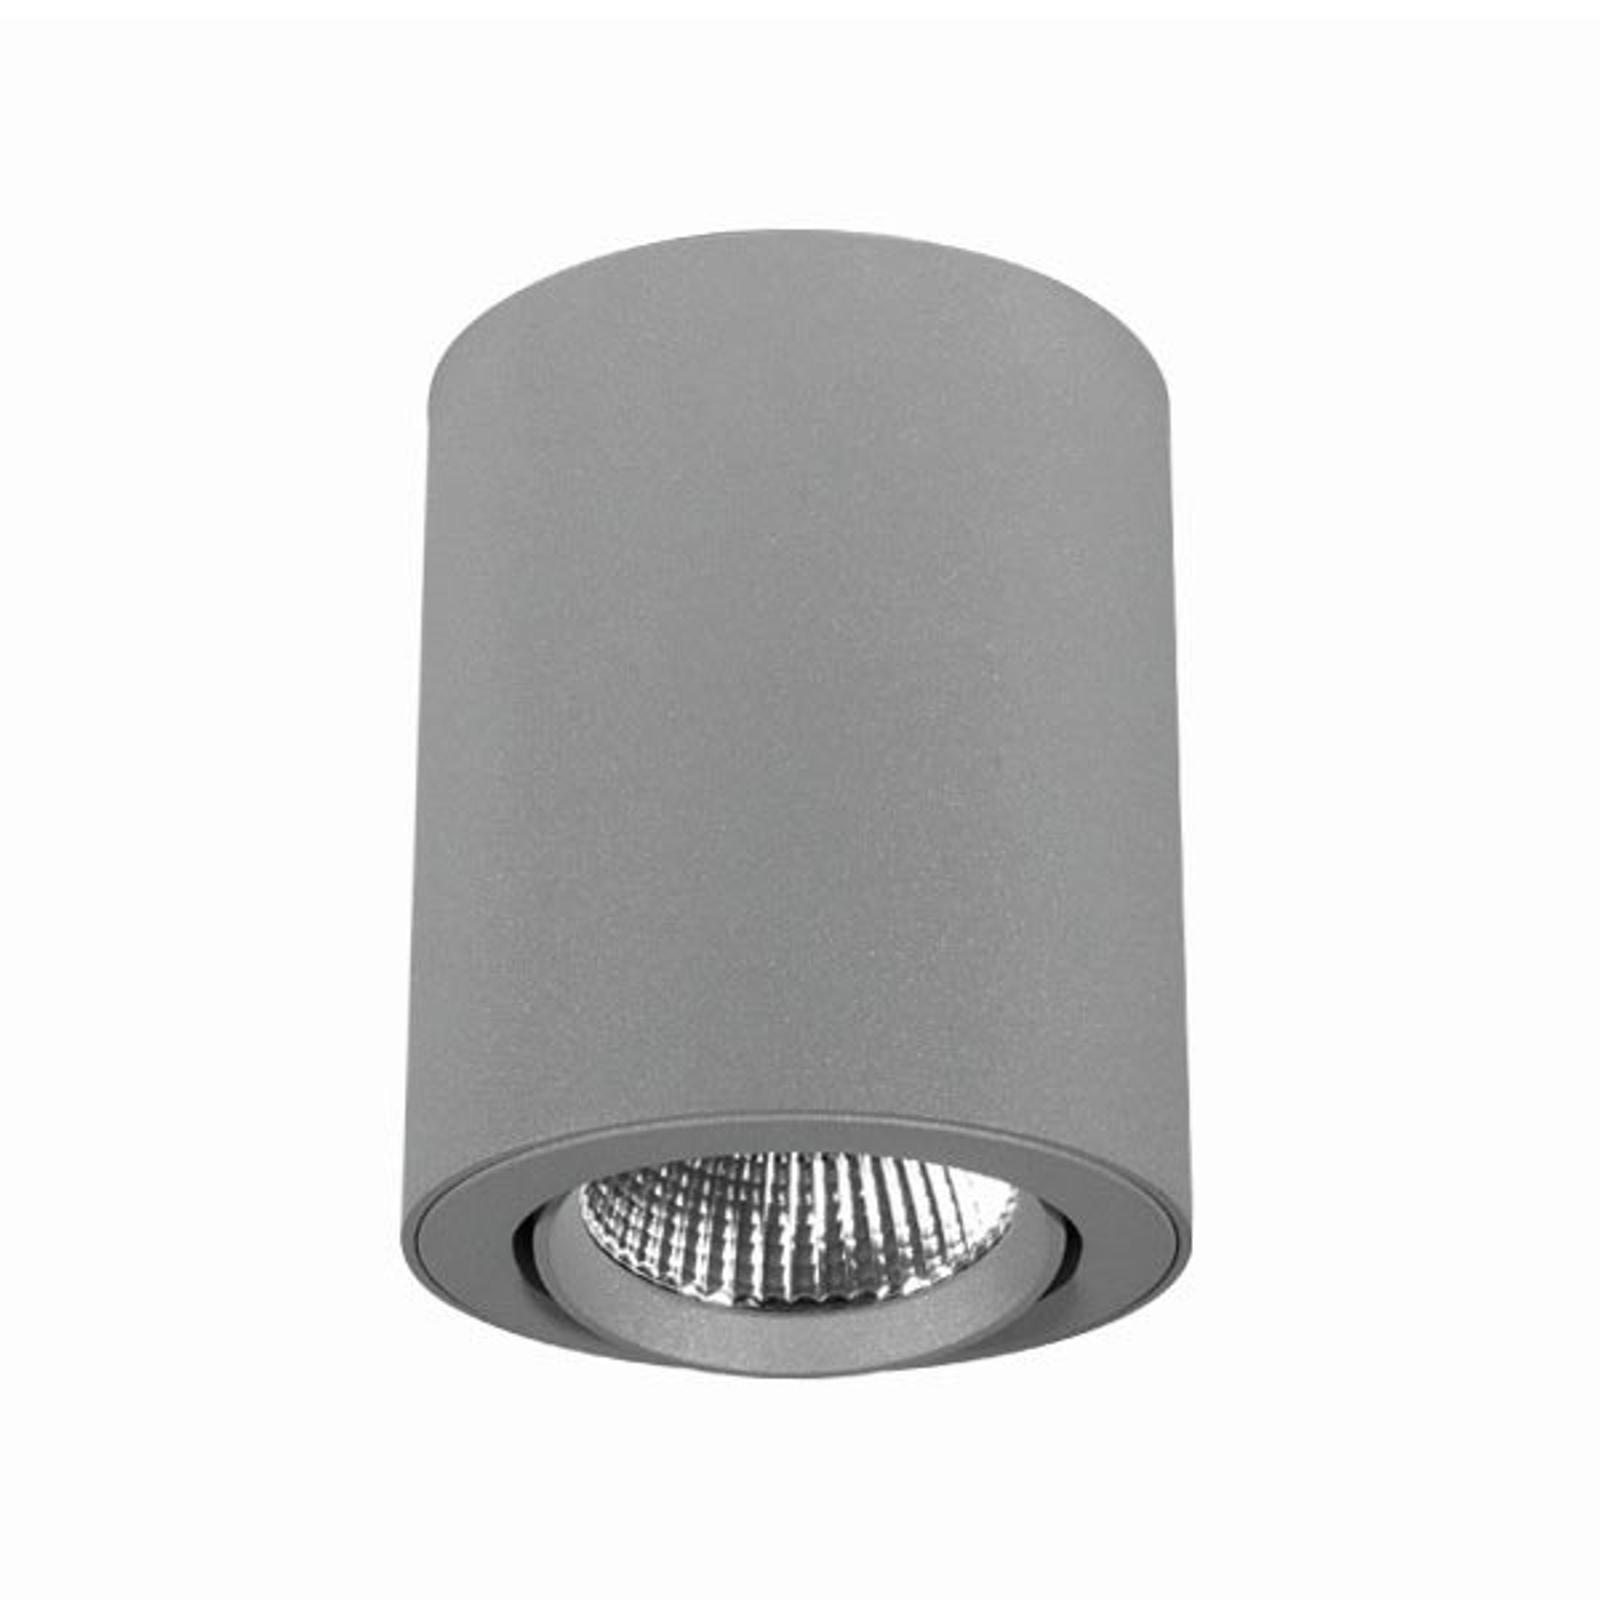 Dreh- und schwenkbarer LED-Spot Button 300, 14 W